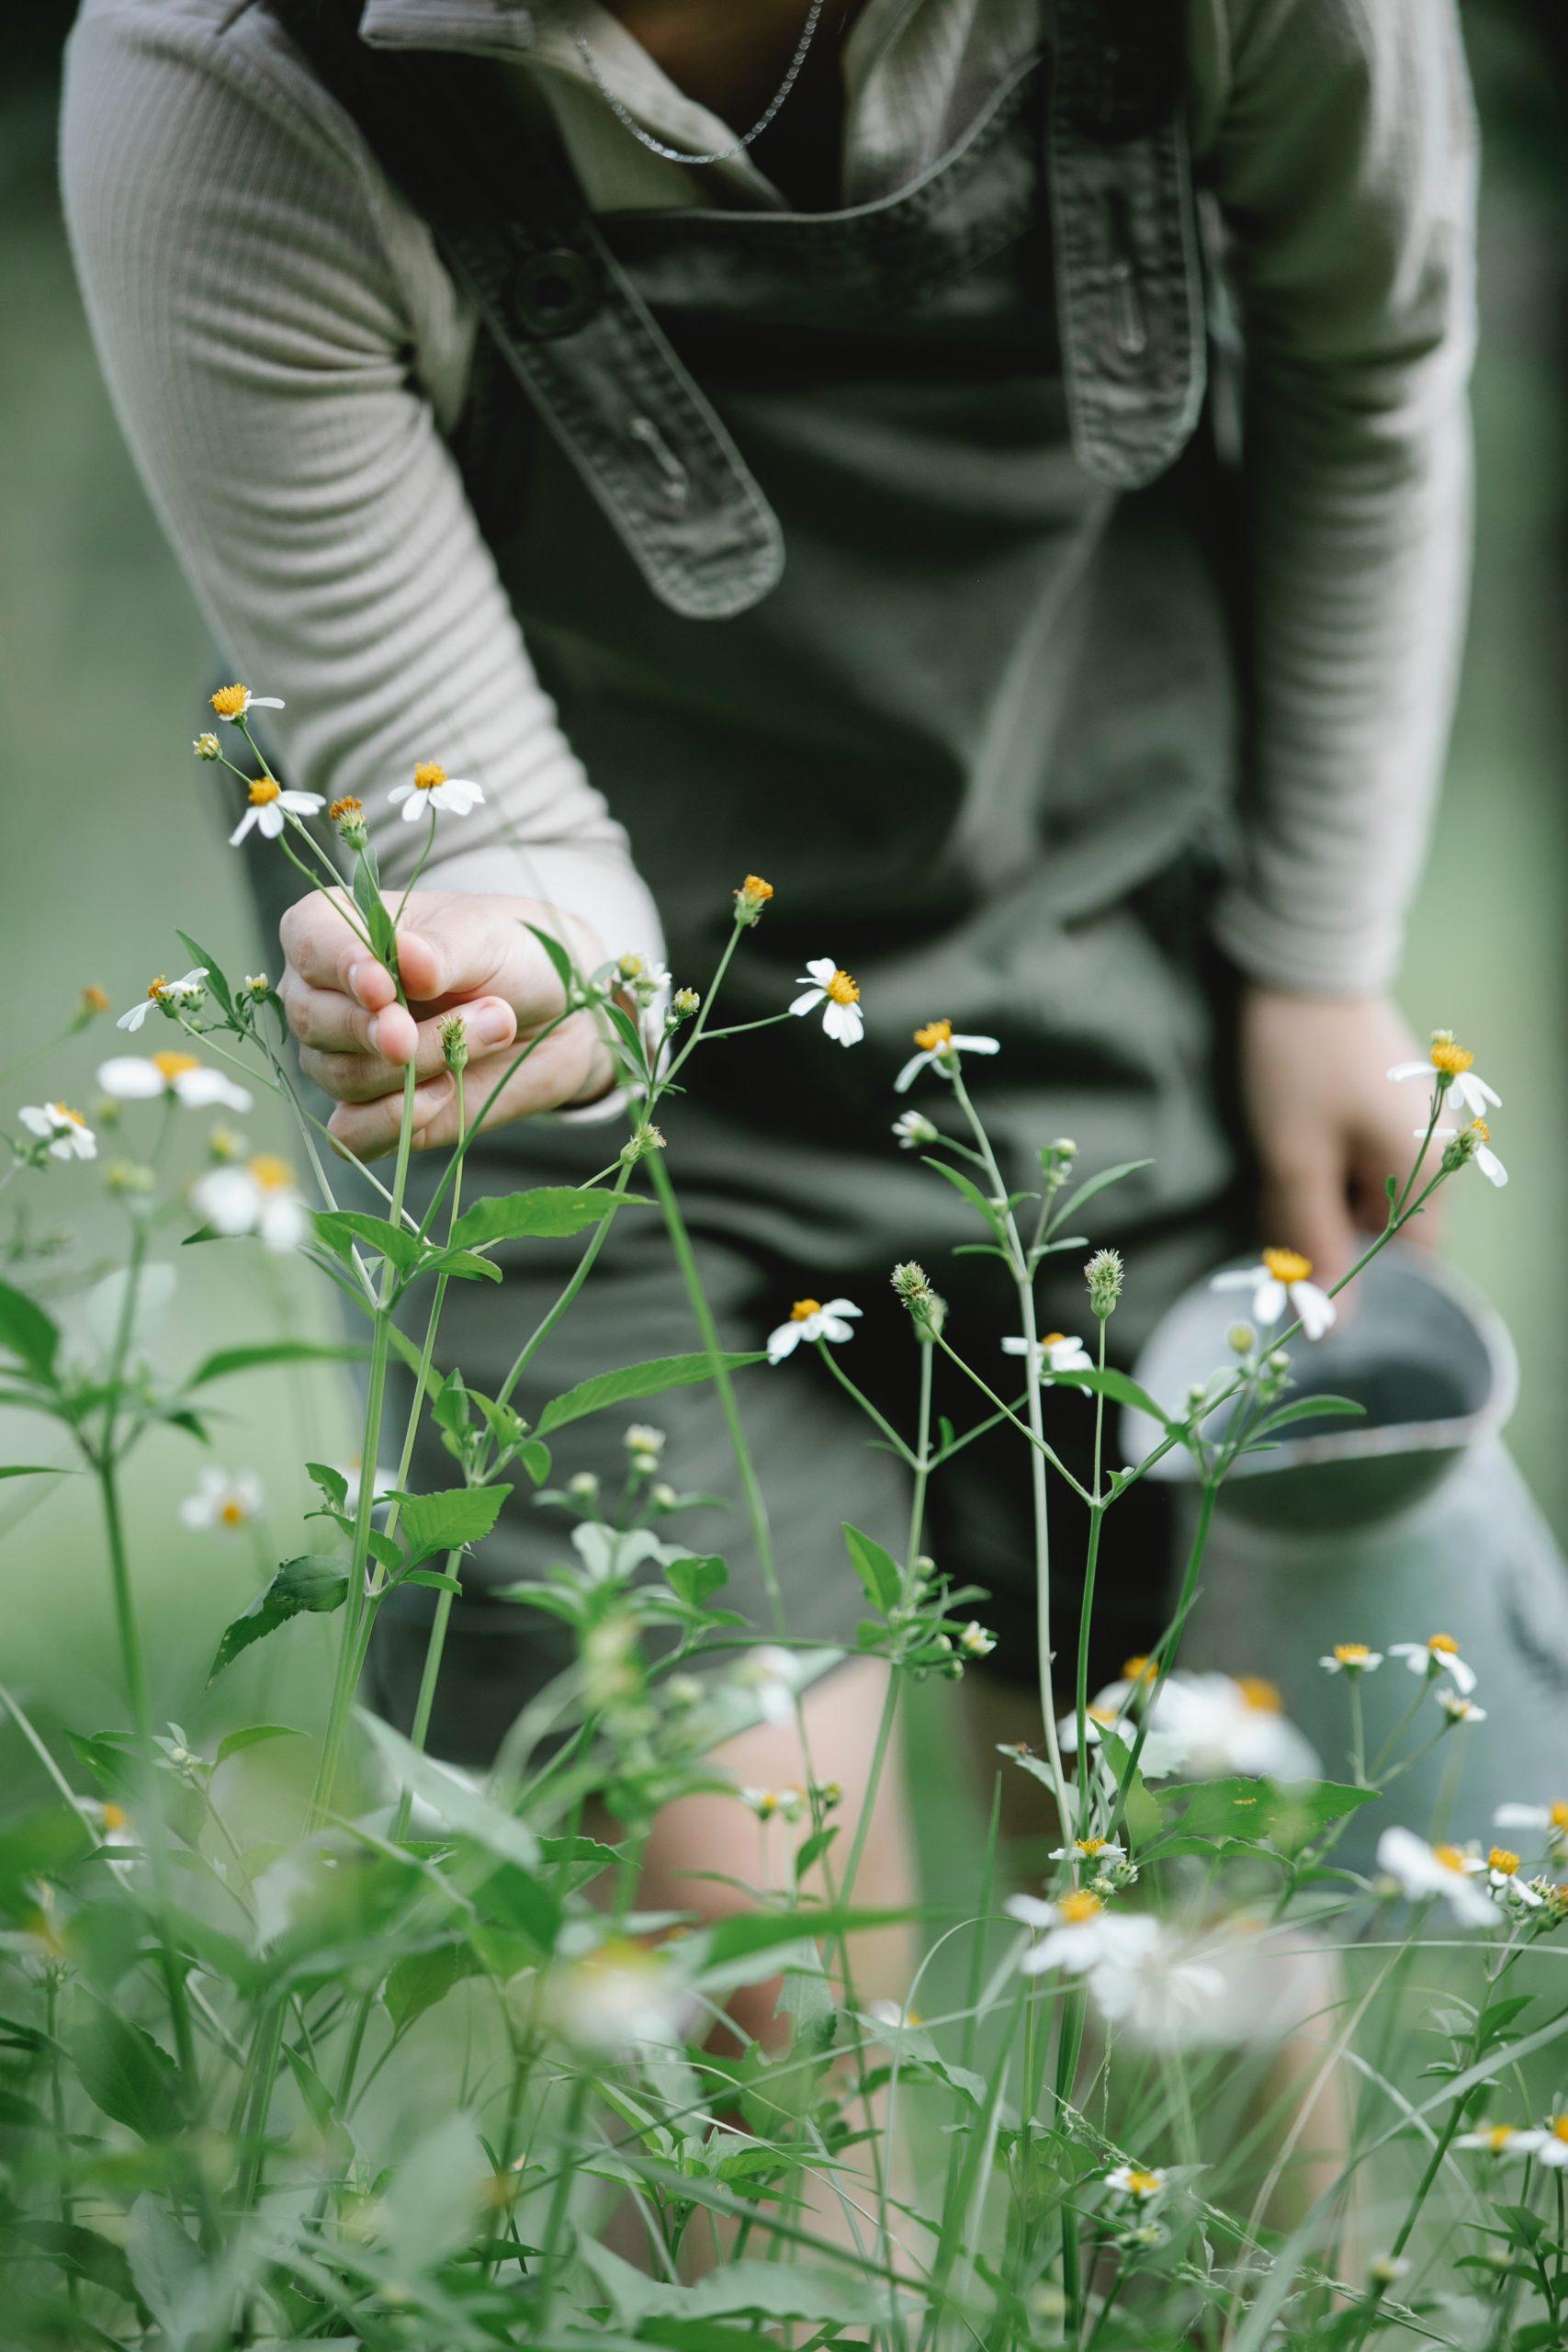 Faites une pause nature et sentant tout ce qui vous entoure